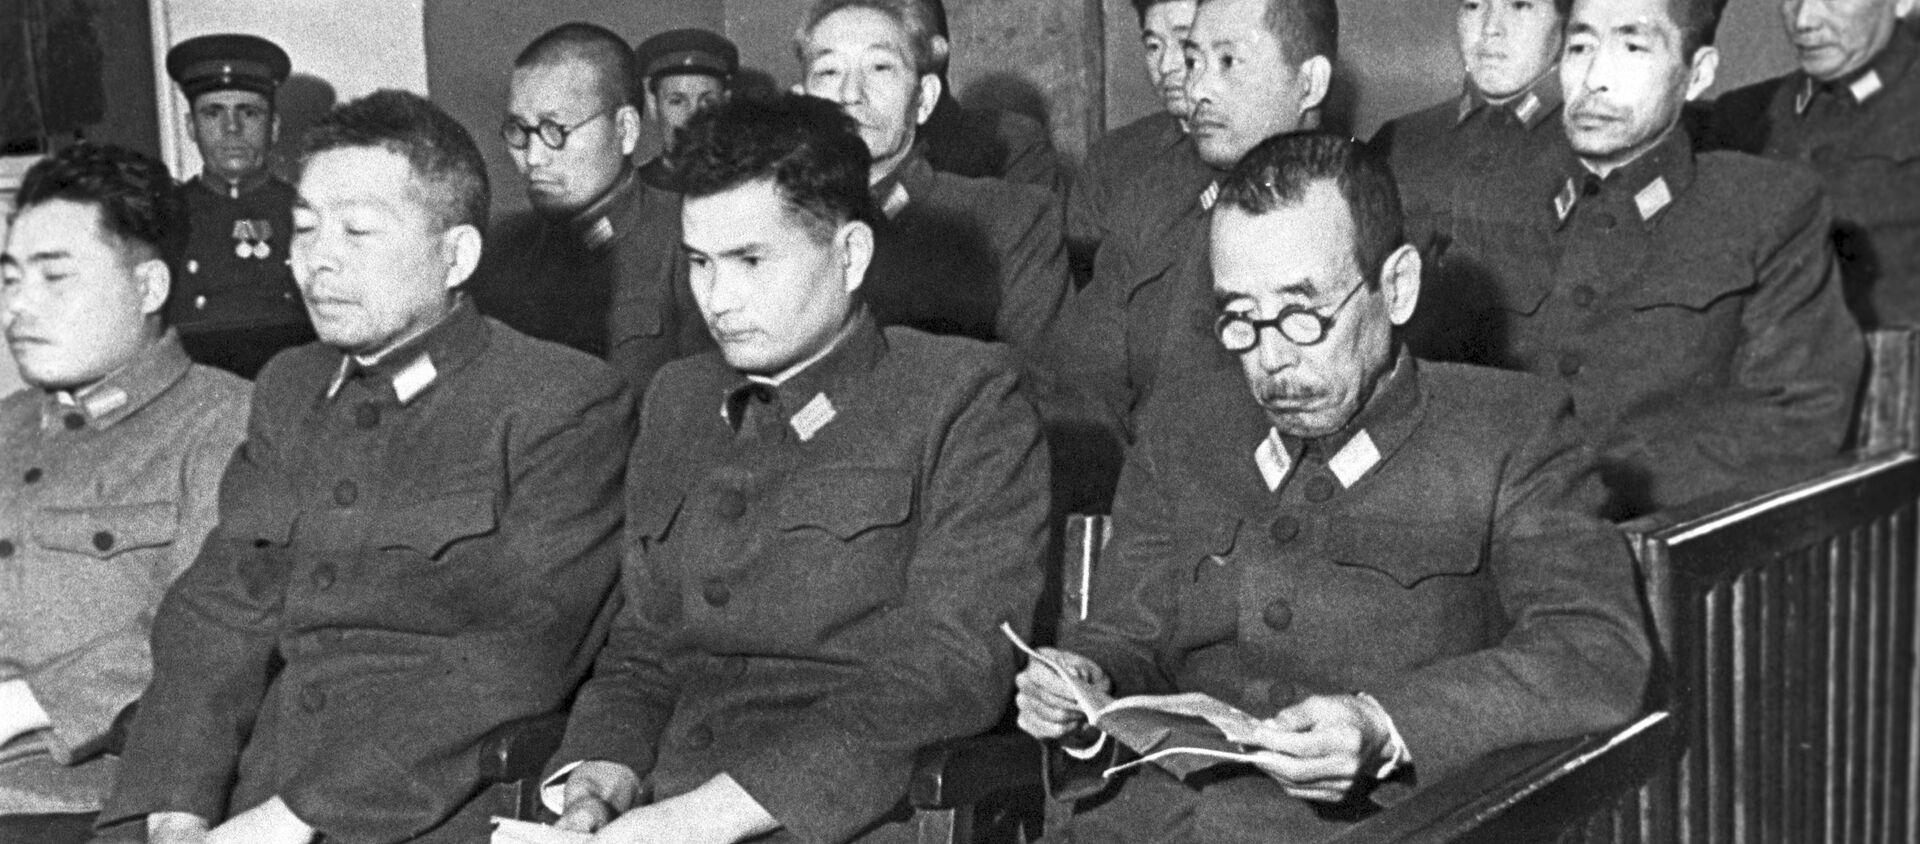 Các bị cáo tại phiên tòa xét xử vụ cựu quân nhân Nhật Bản bị cáo buộc chuẩn bị sử dụng vũ khí vi khuẩn. Khabarovsk, 1949 - Sputnik Việt Nam, 1920, 20.08.2021